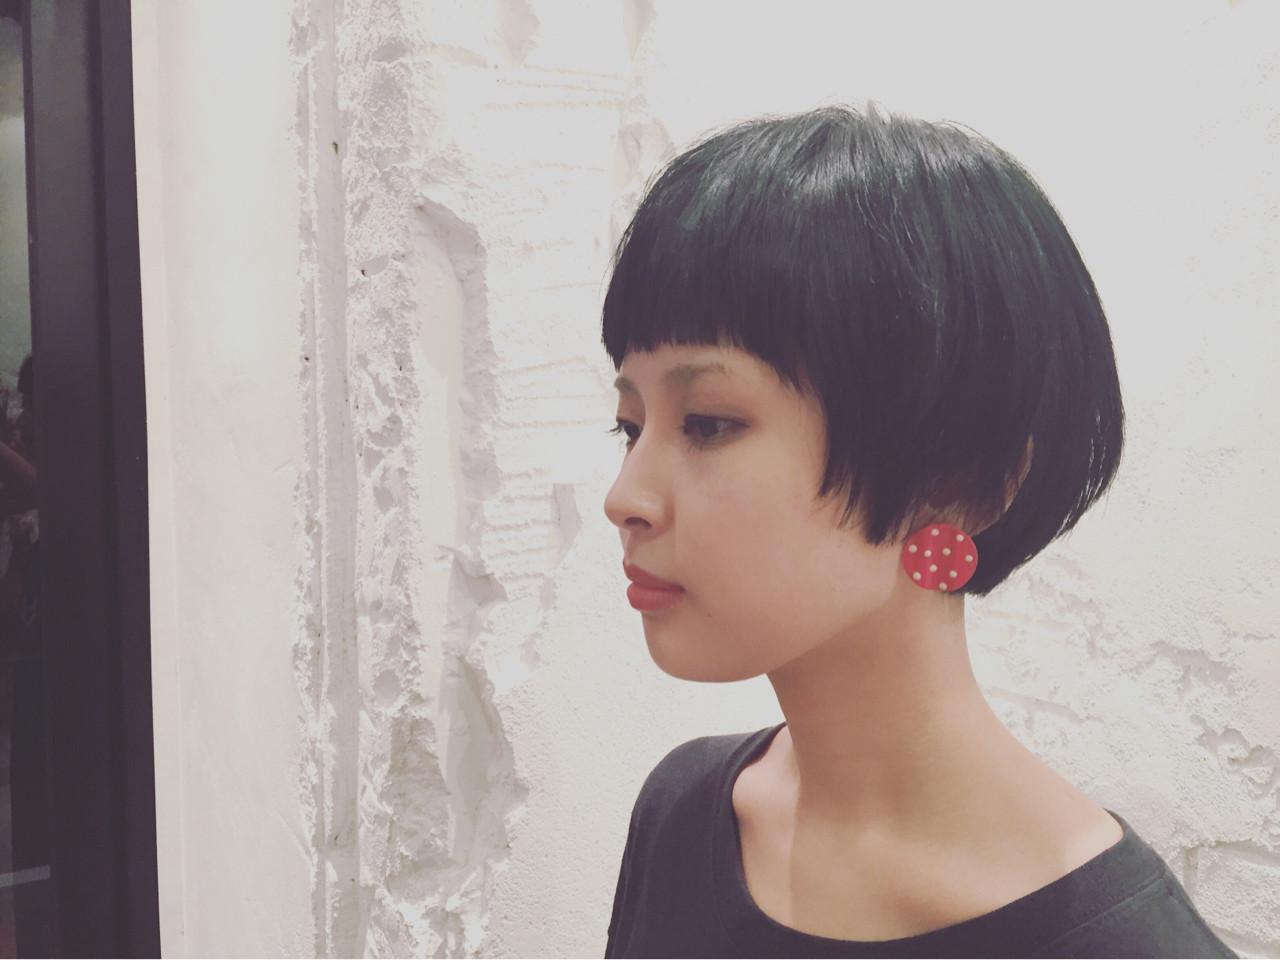 黒髪 ショート モード ショートバング ヘアスタイルや髪型の写真・画像